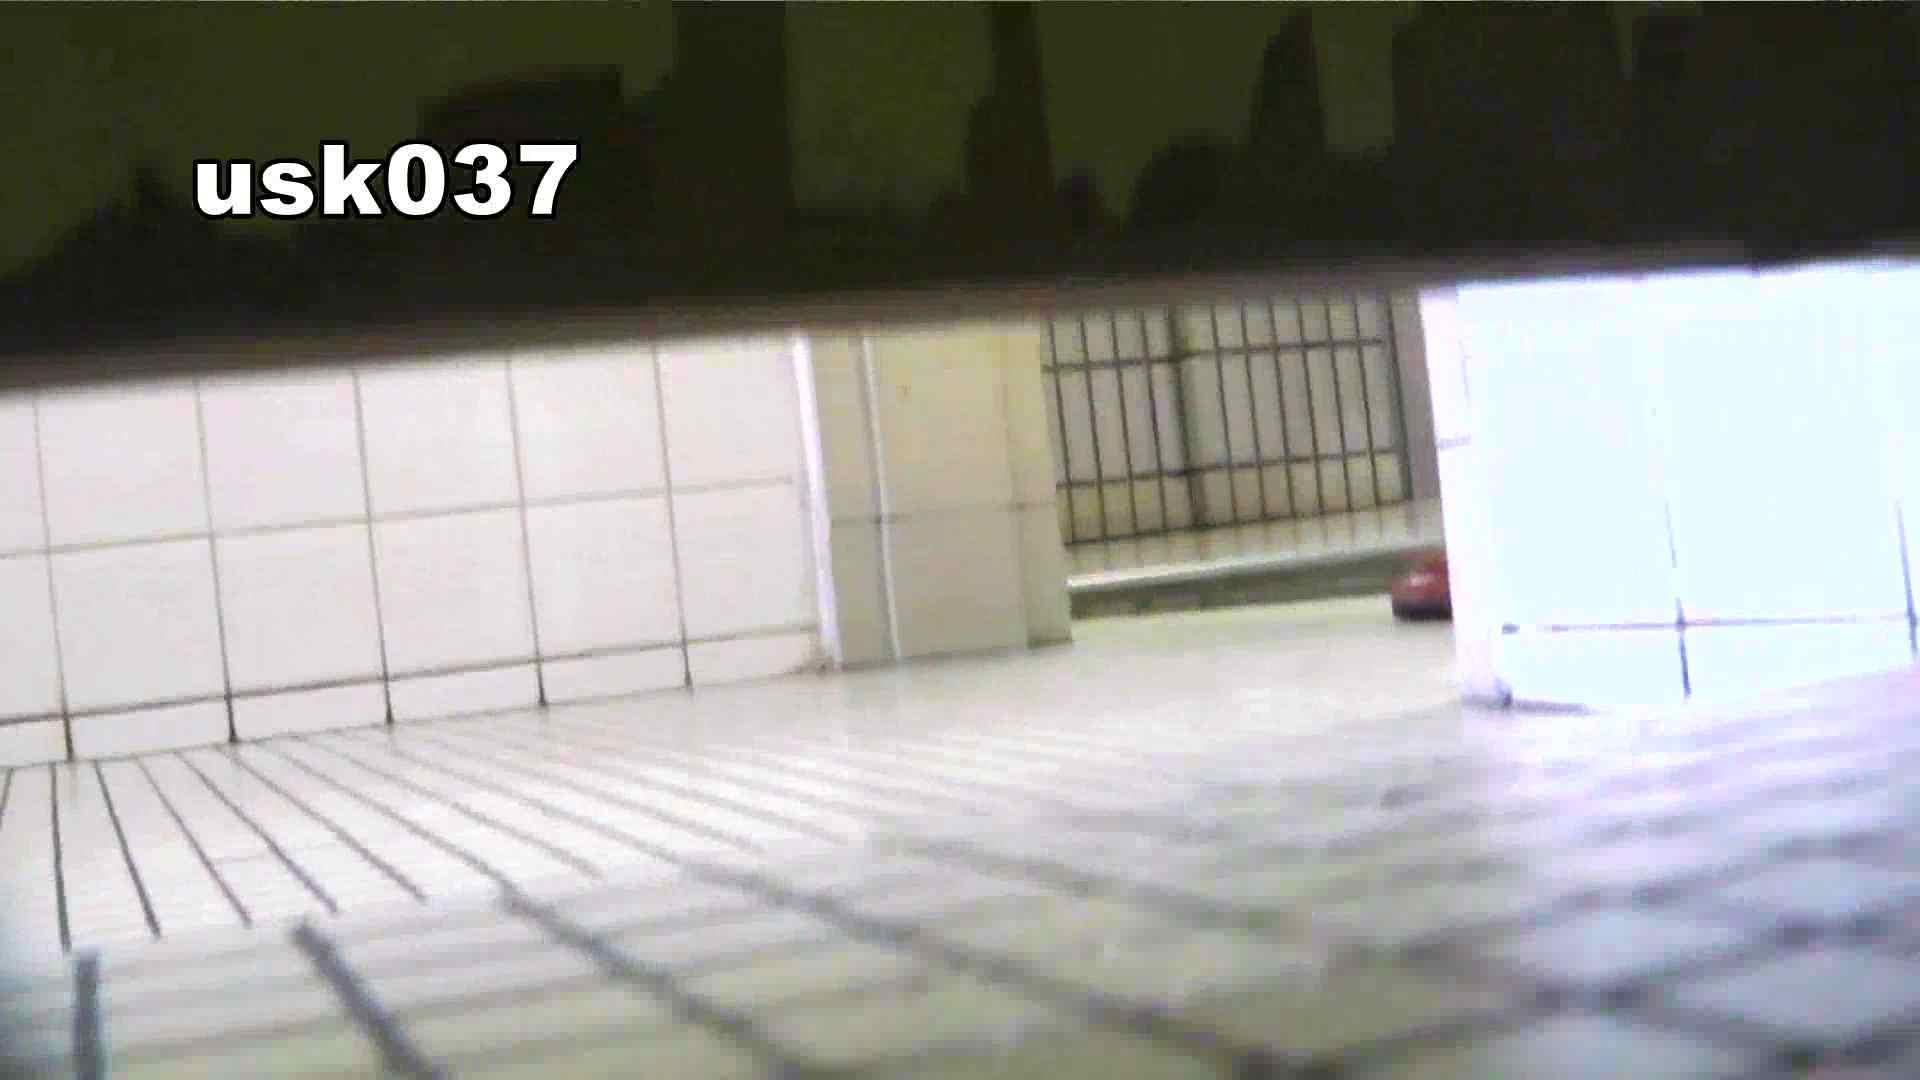 【美しき個室な世界】 vol.037 ひねり出す様子(フトイです) 洗面所  51画像 45